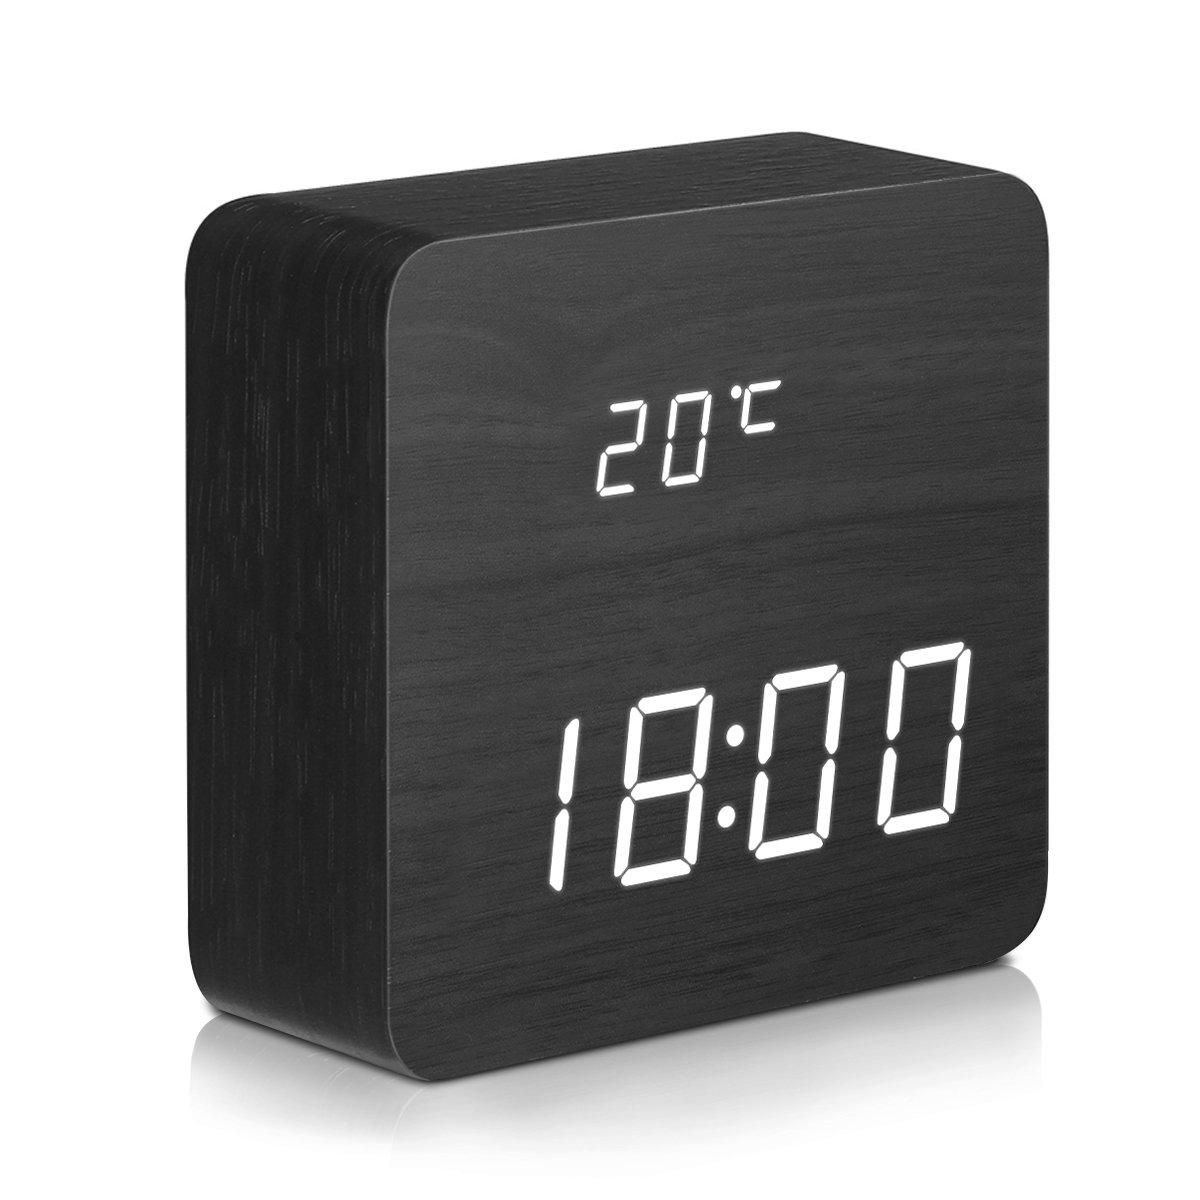 DIGOO dg-ac1sveglia digitale LED in legno con 3gruppi di allarme, temperatura e visualizzazione della data, 3Luminosità regolabile, commandevocale, 2modalità di visualizzazione Nero Viceirye_FR DIGOOviceiryefr264